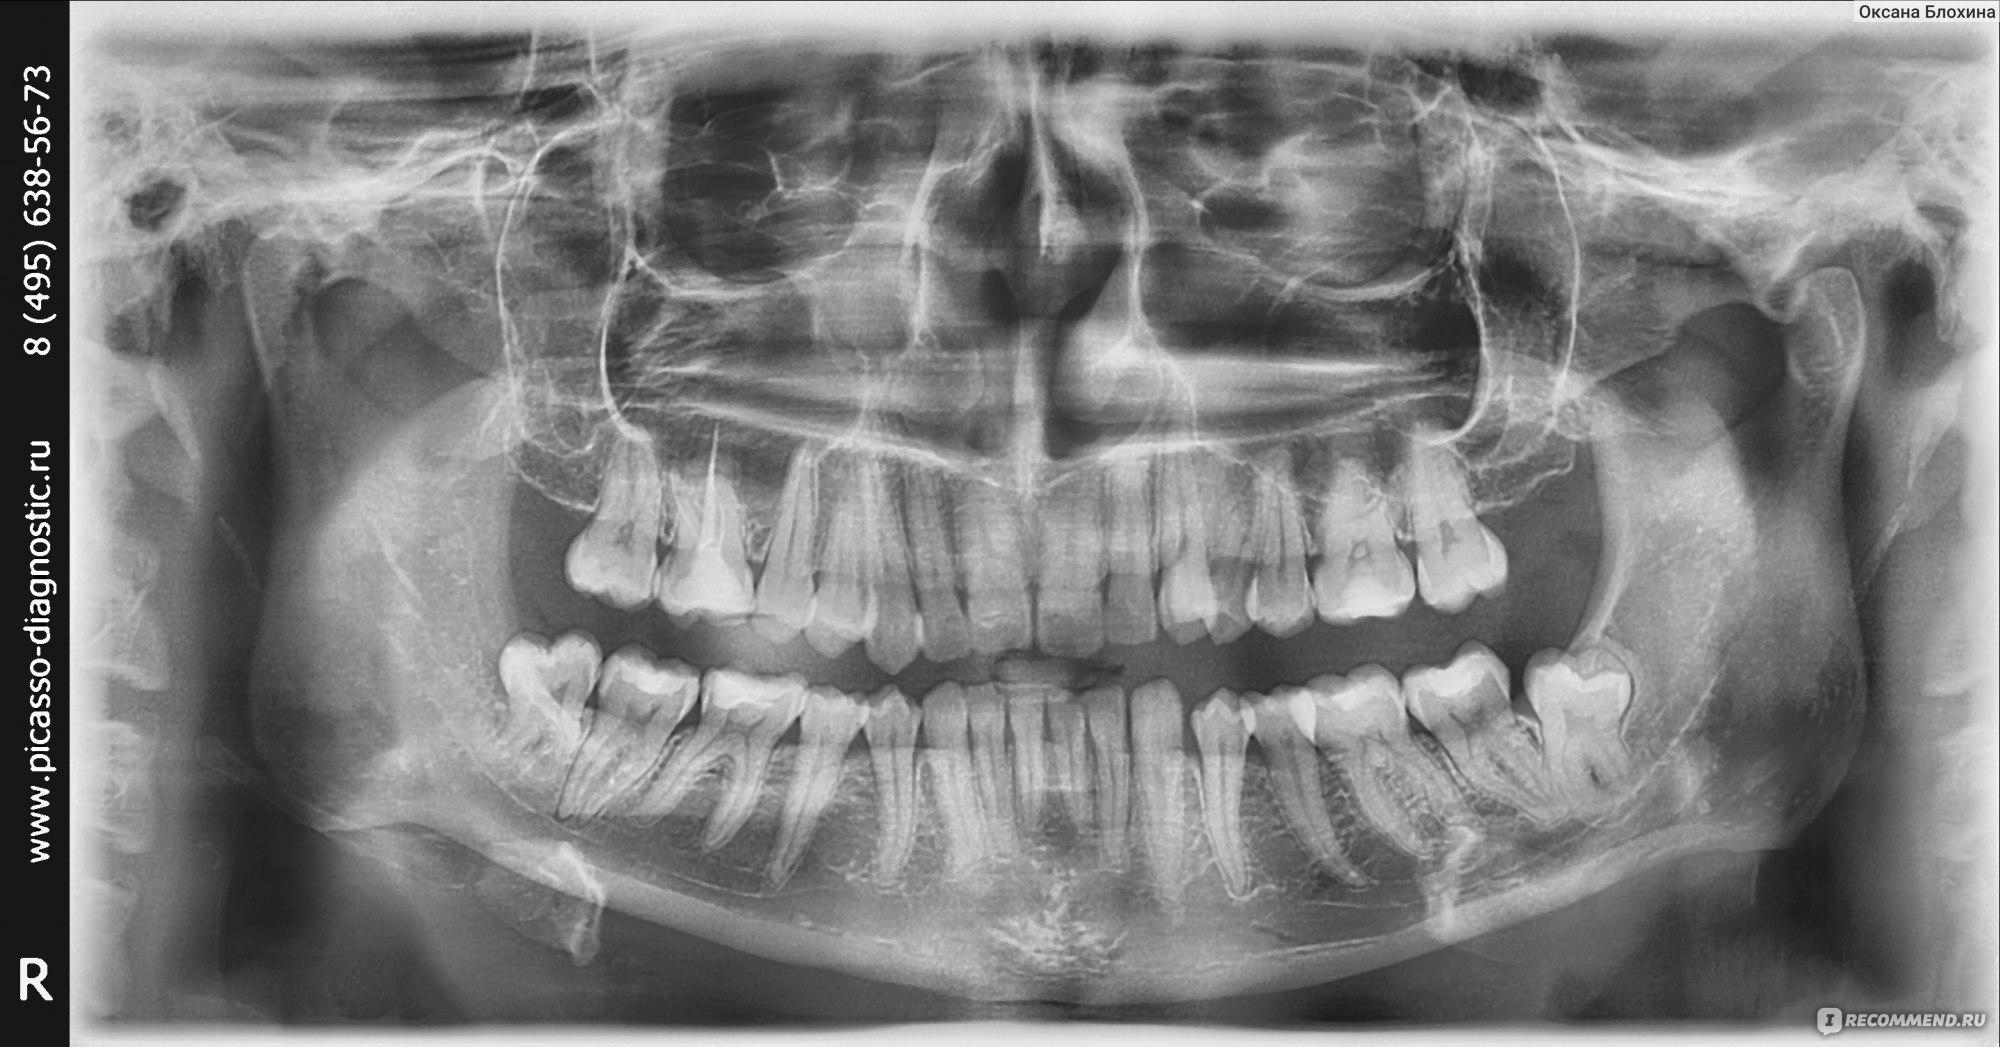 Зуб врос в челюстной сустав значительная часть ручного труда автоматизирована облегчен быт и суставные боли